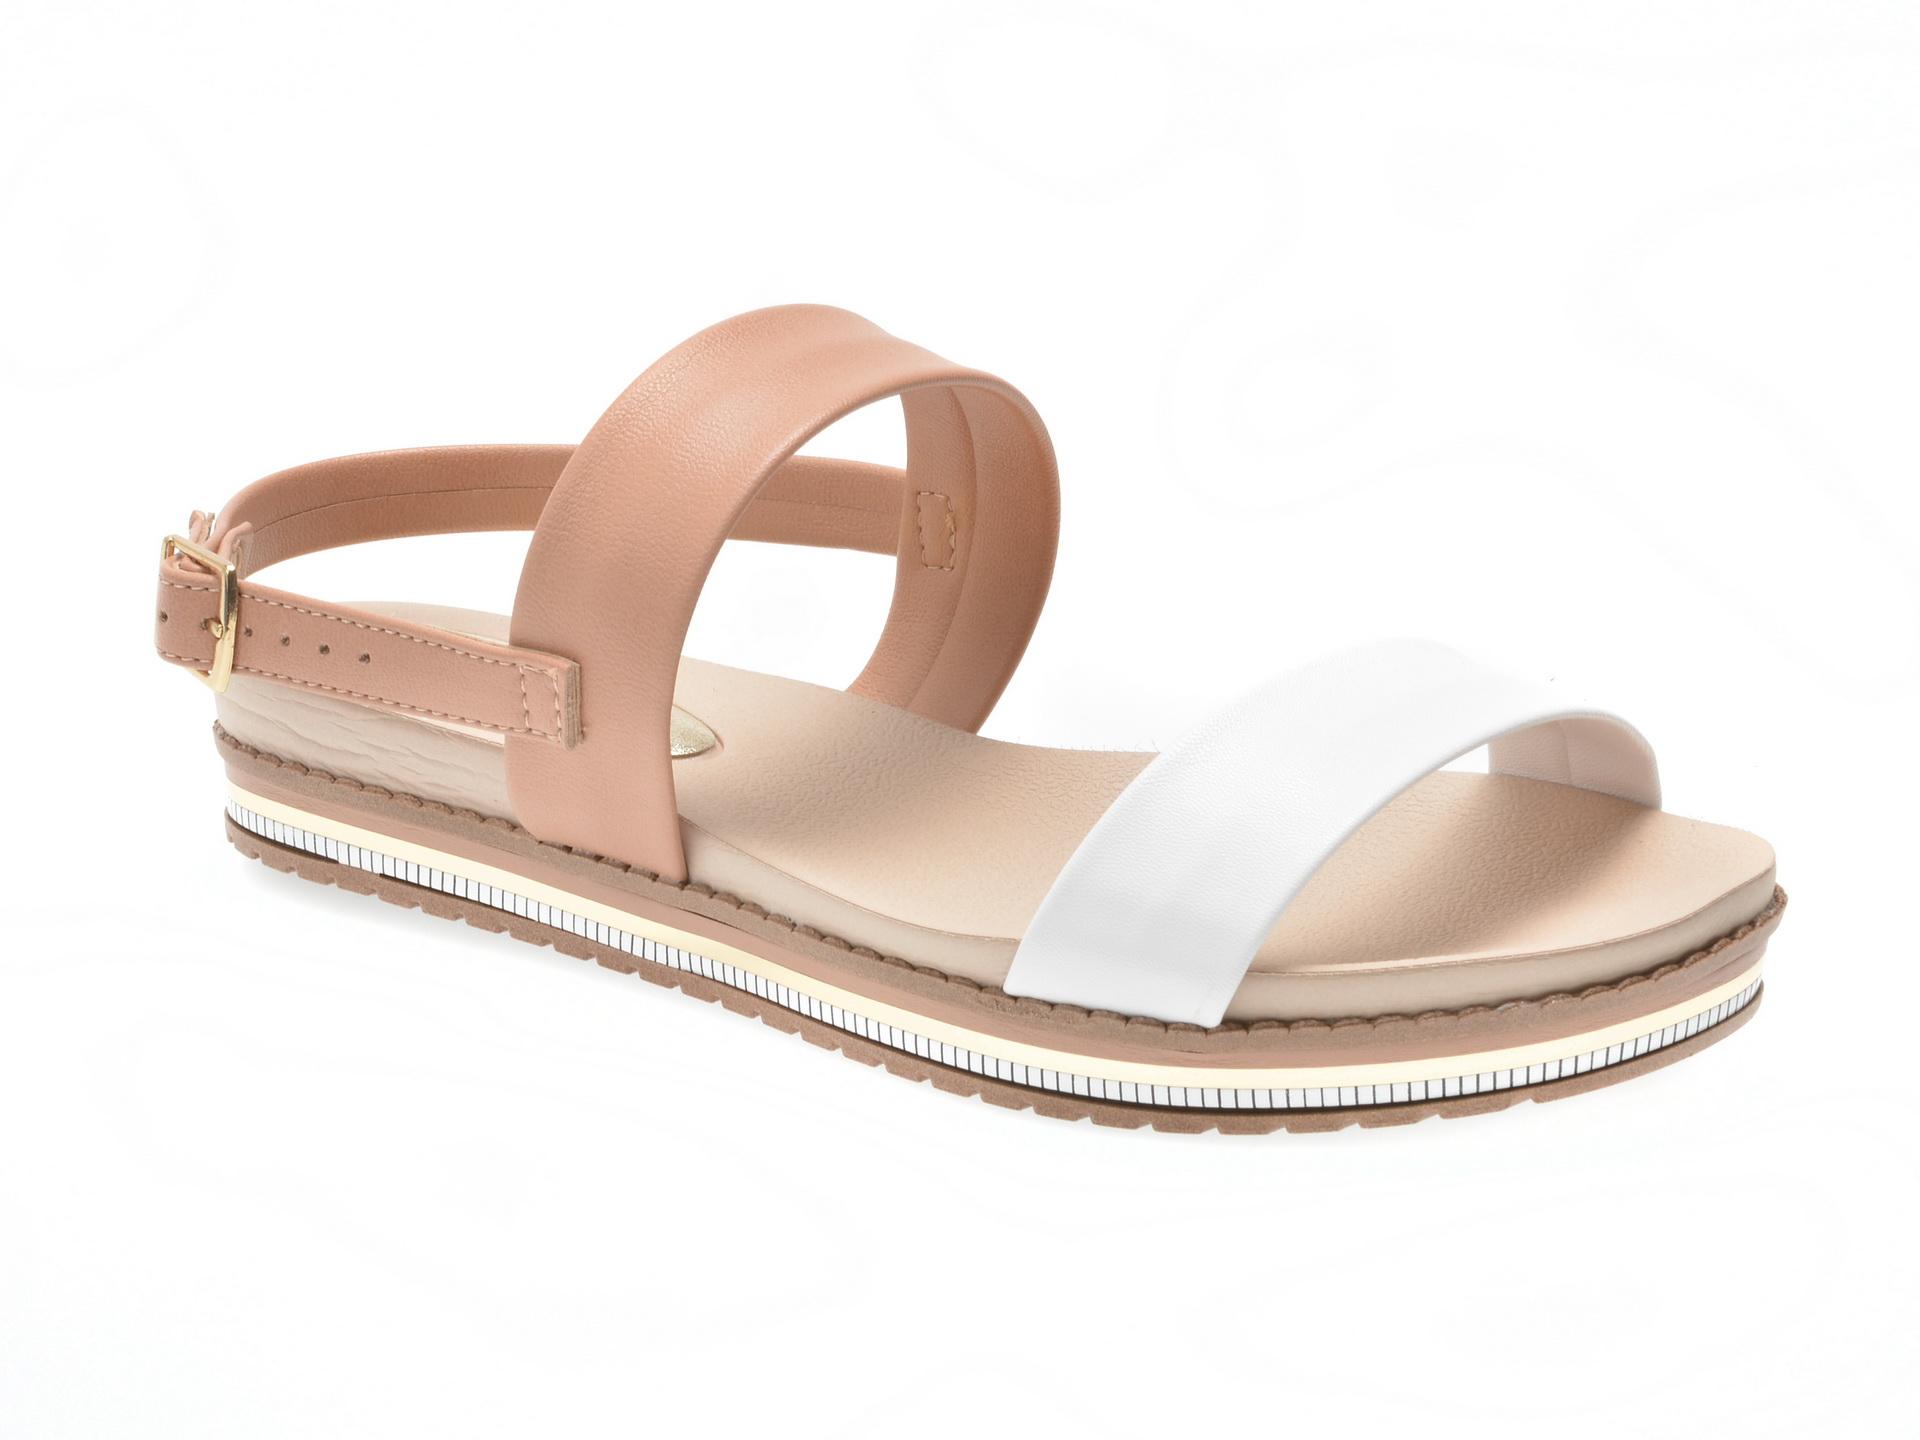 Sandale nude, 8321403, din piele ecologica